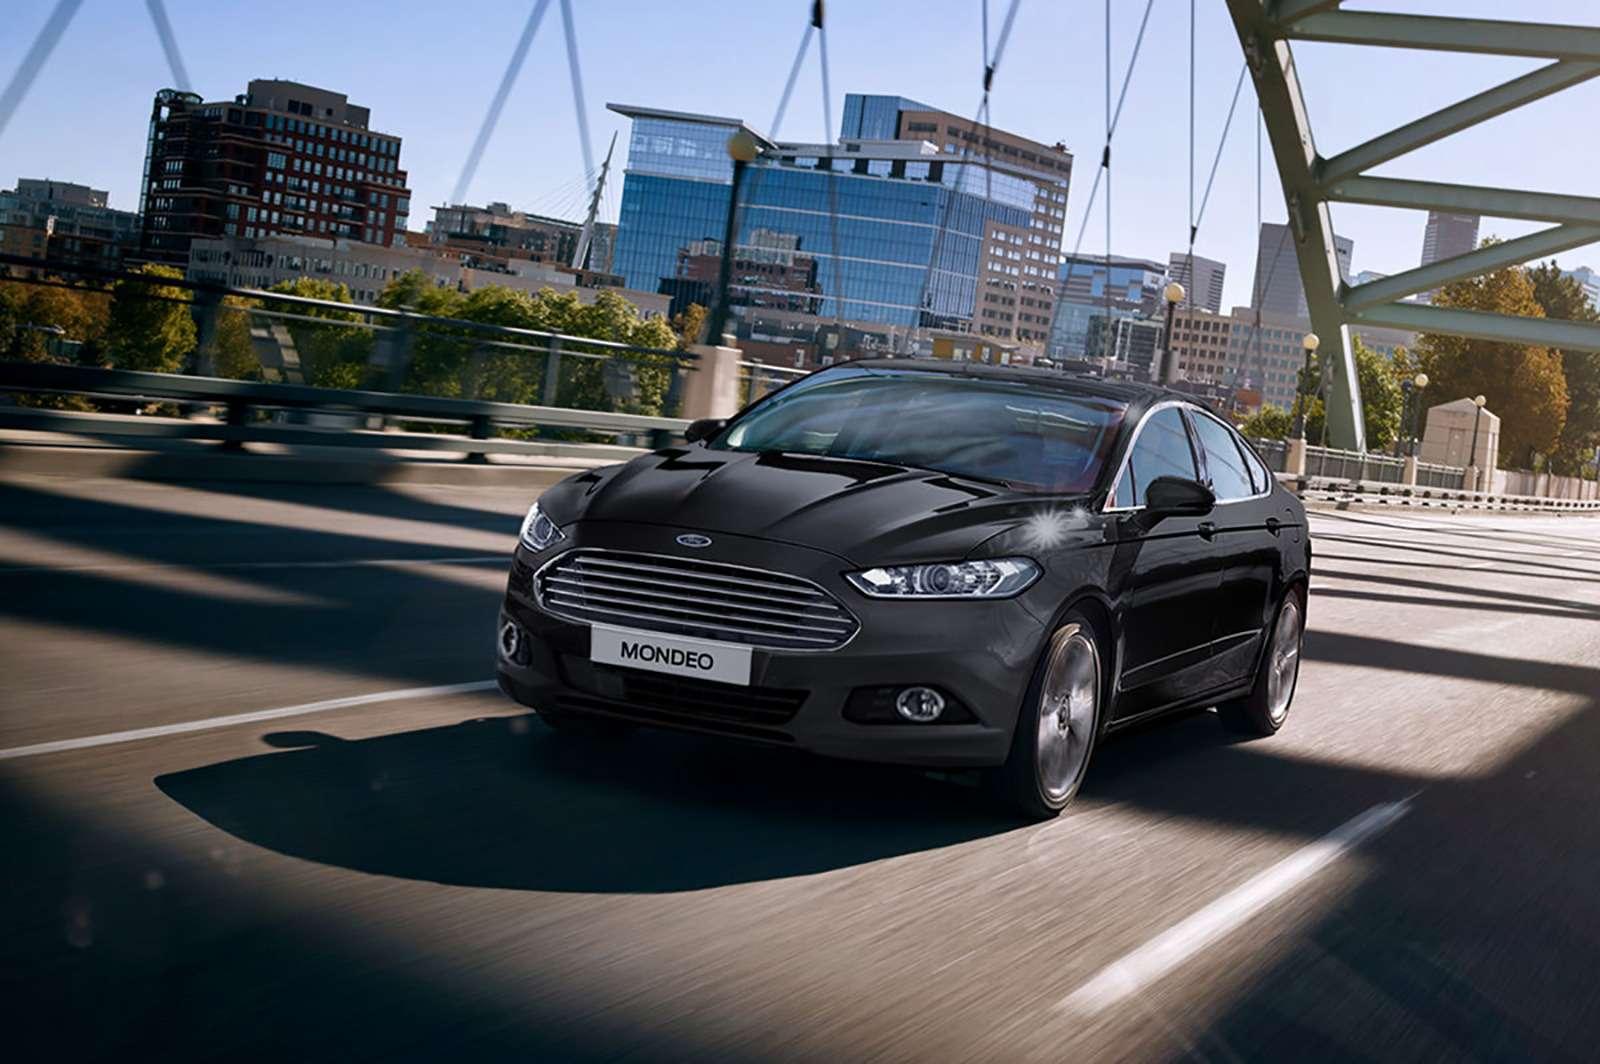 Ford Kuga, Focus иMondeo получили вРоссии новую версию— фото 945235